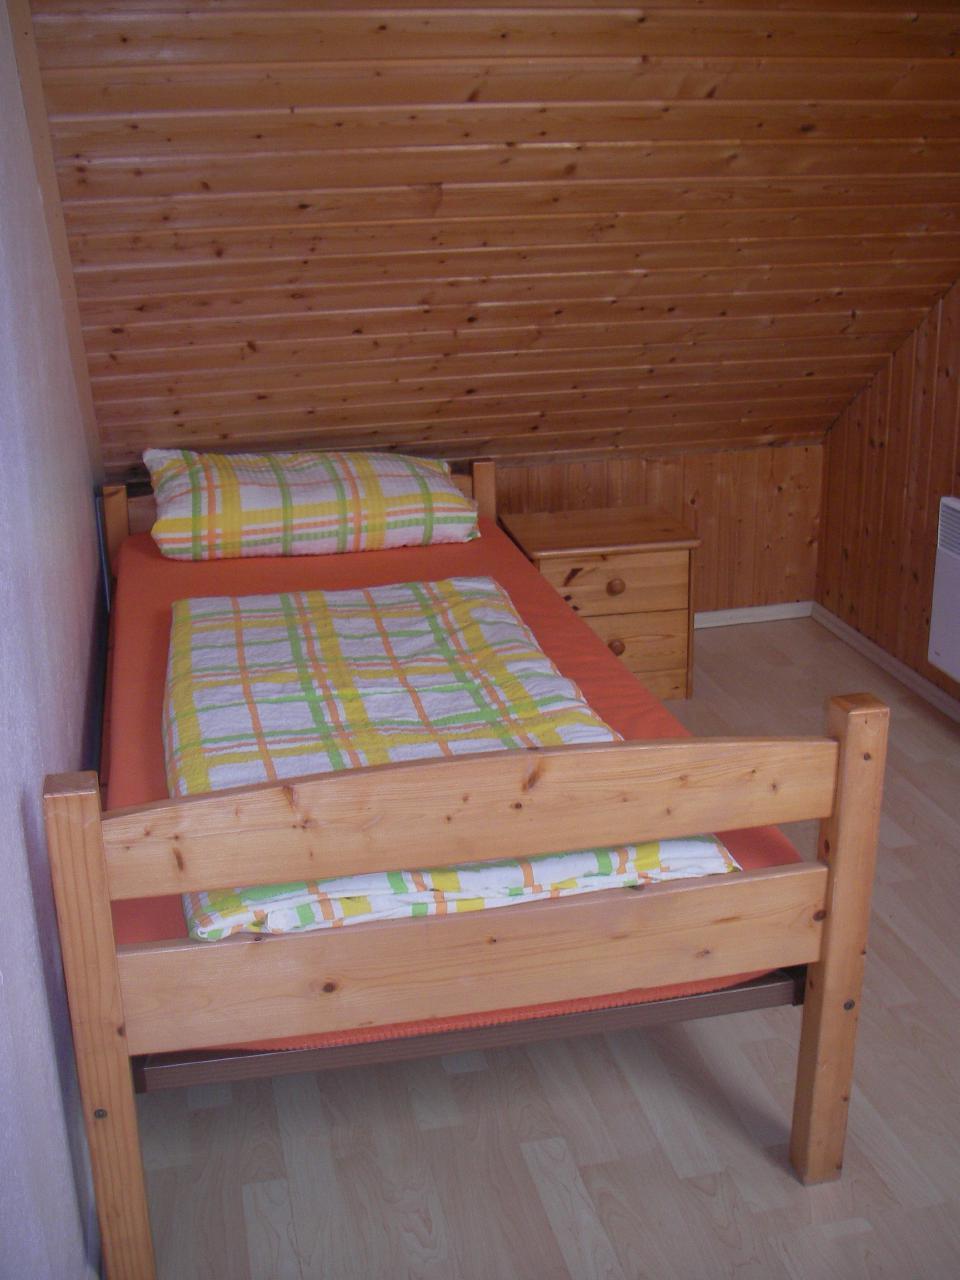 Ferienwohnung Haus Hilde Wohnung 2 (993407), Presseck, Oberfranken, Bayern, Deutschland, Bild 15